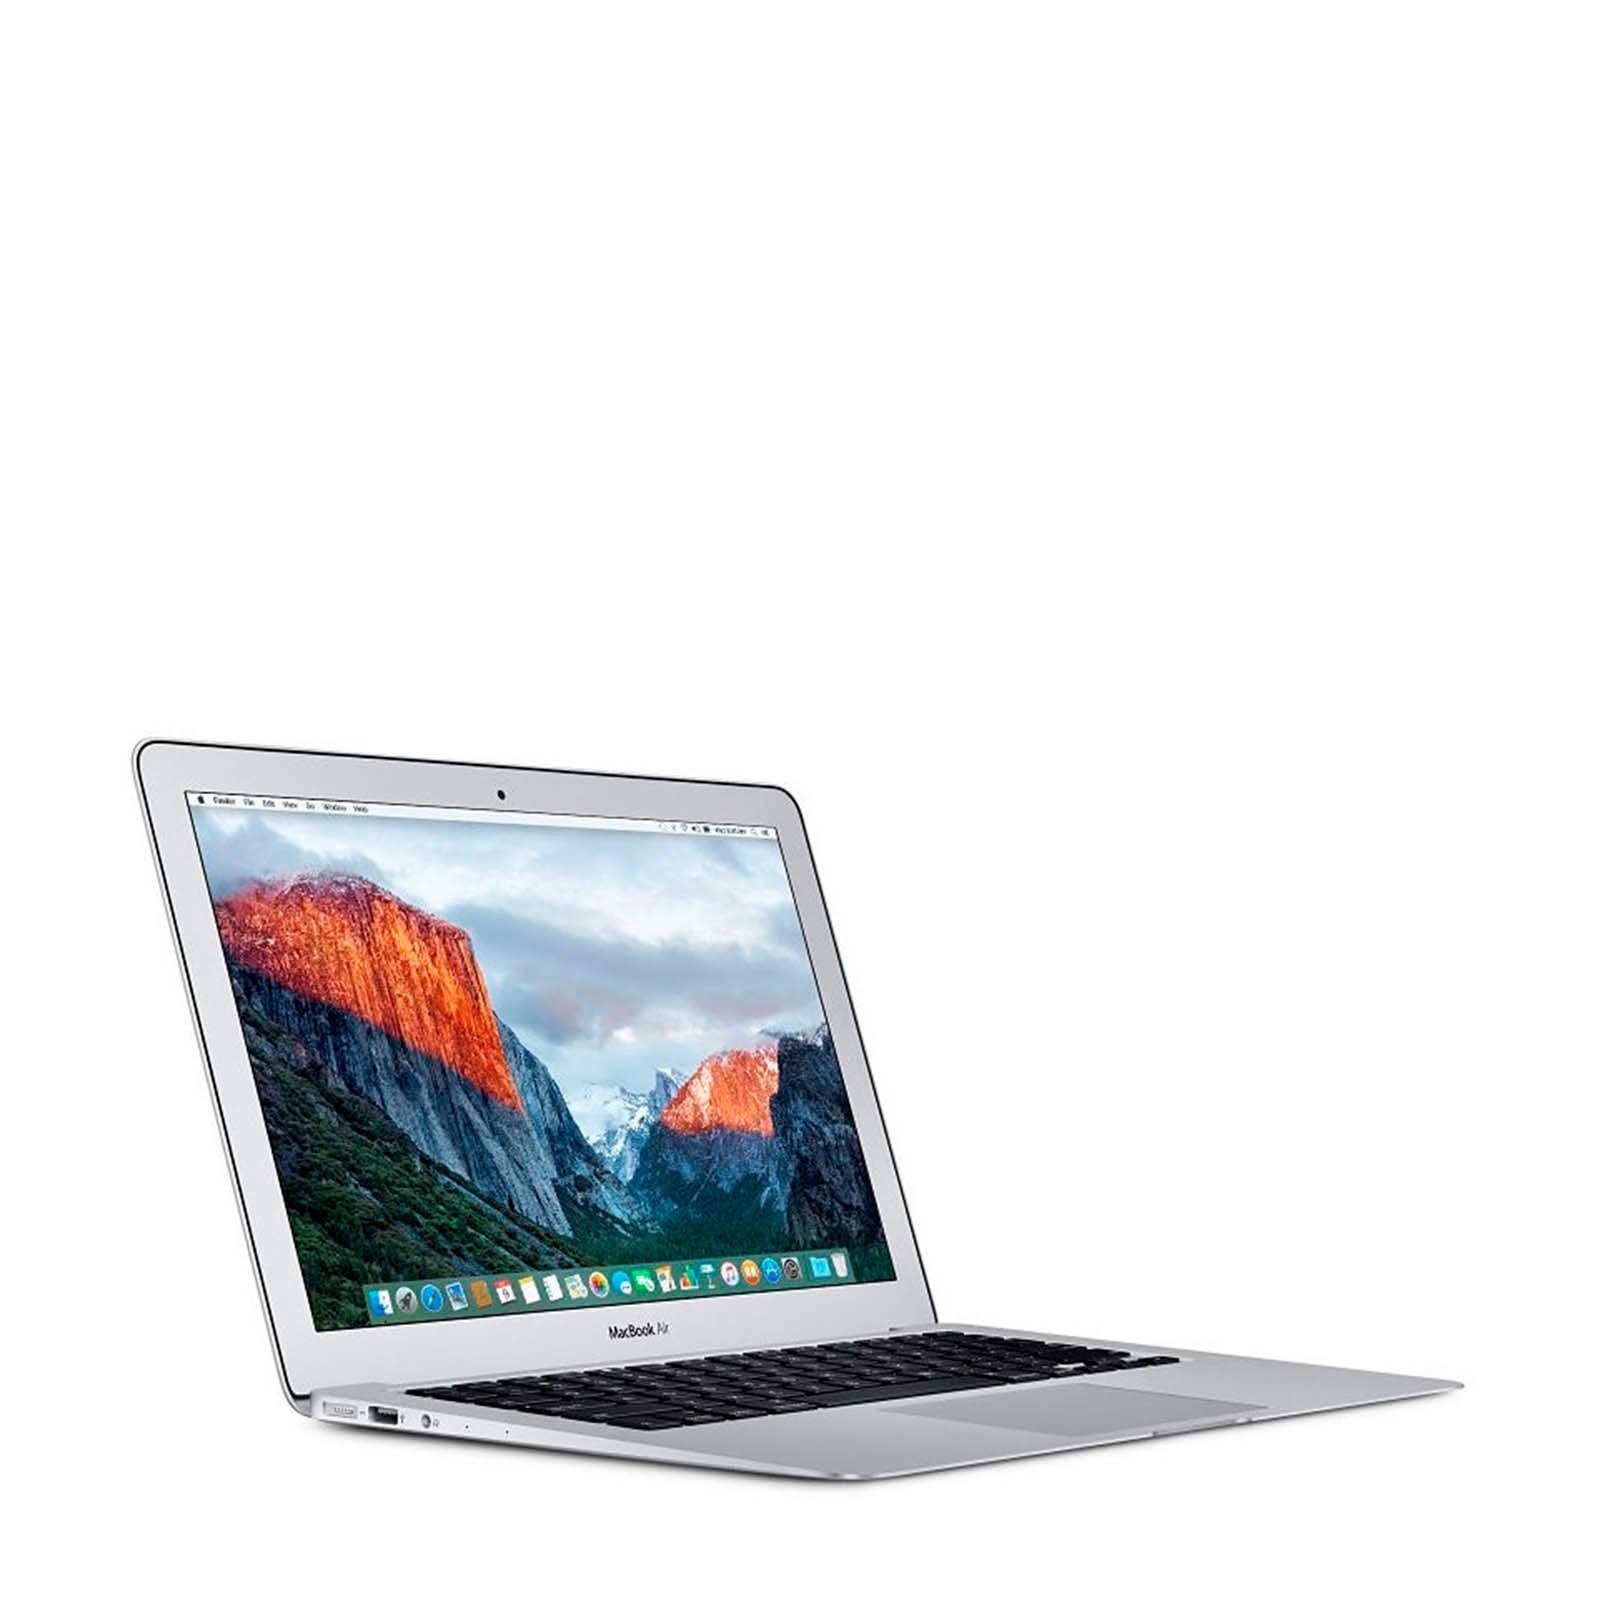 MacBook Air 1.1 inch (MQD1N/A)